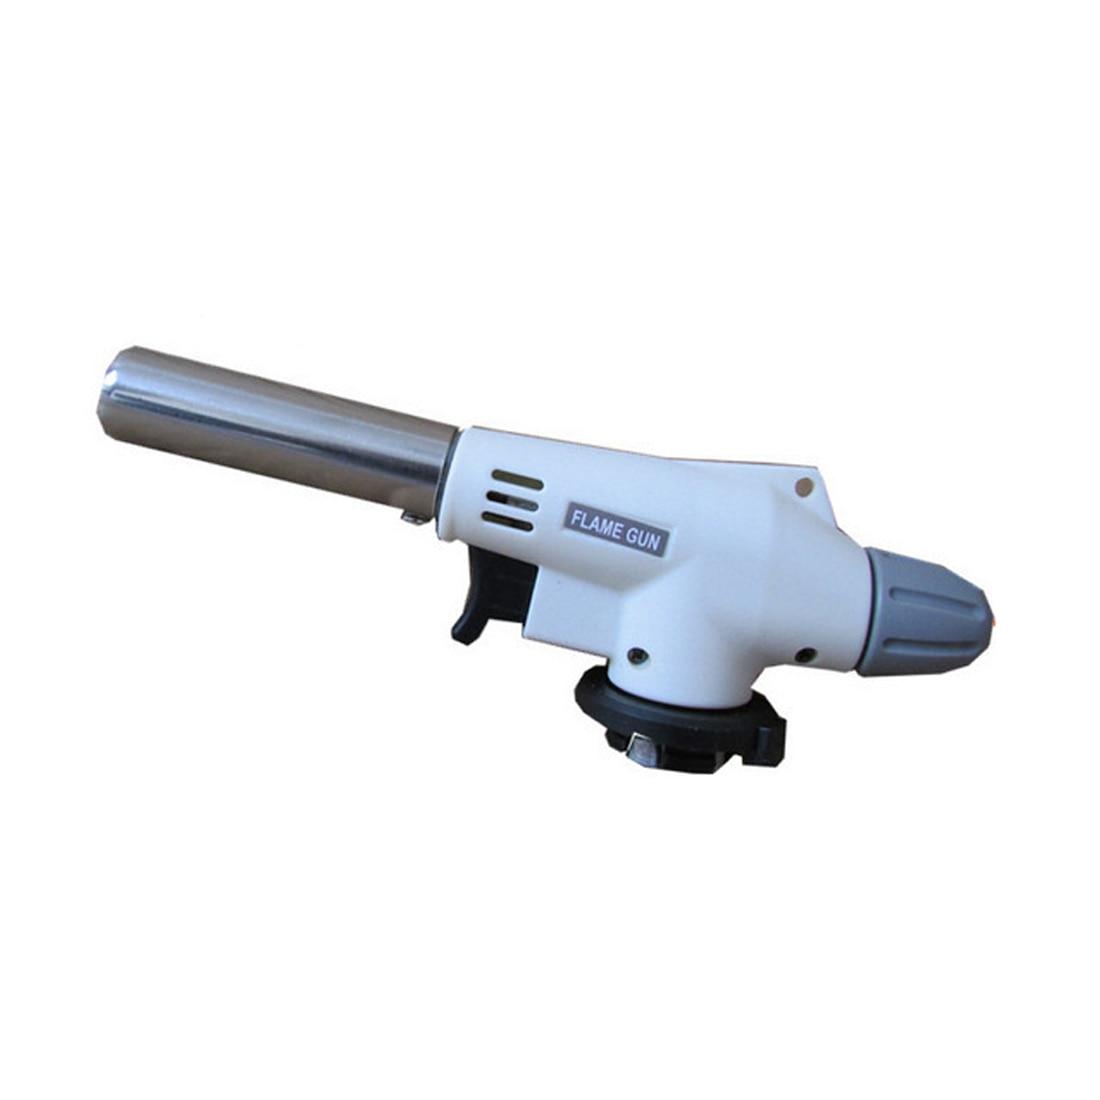 Gas Fackel Flamme Gun Lötlampe Kochen Löten Butan Selbstentzündungstemperatur gas-Brenner Leichter Heizung Schweißen Gas brenner Flamme